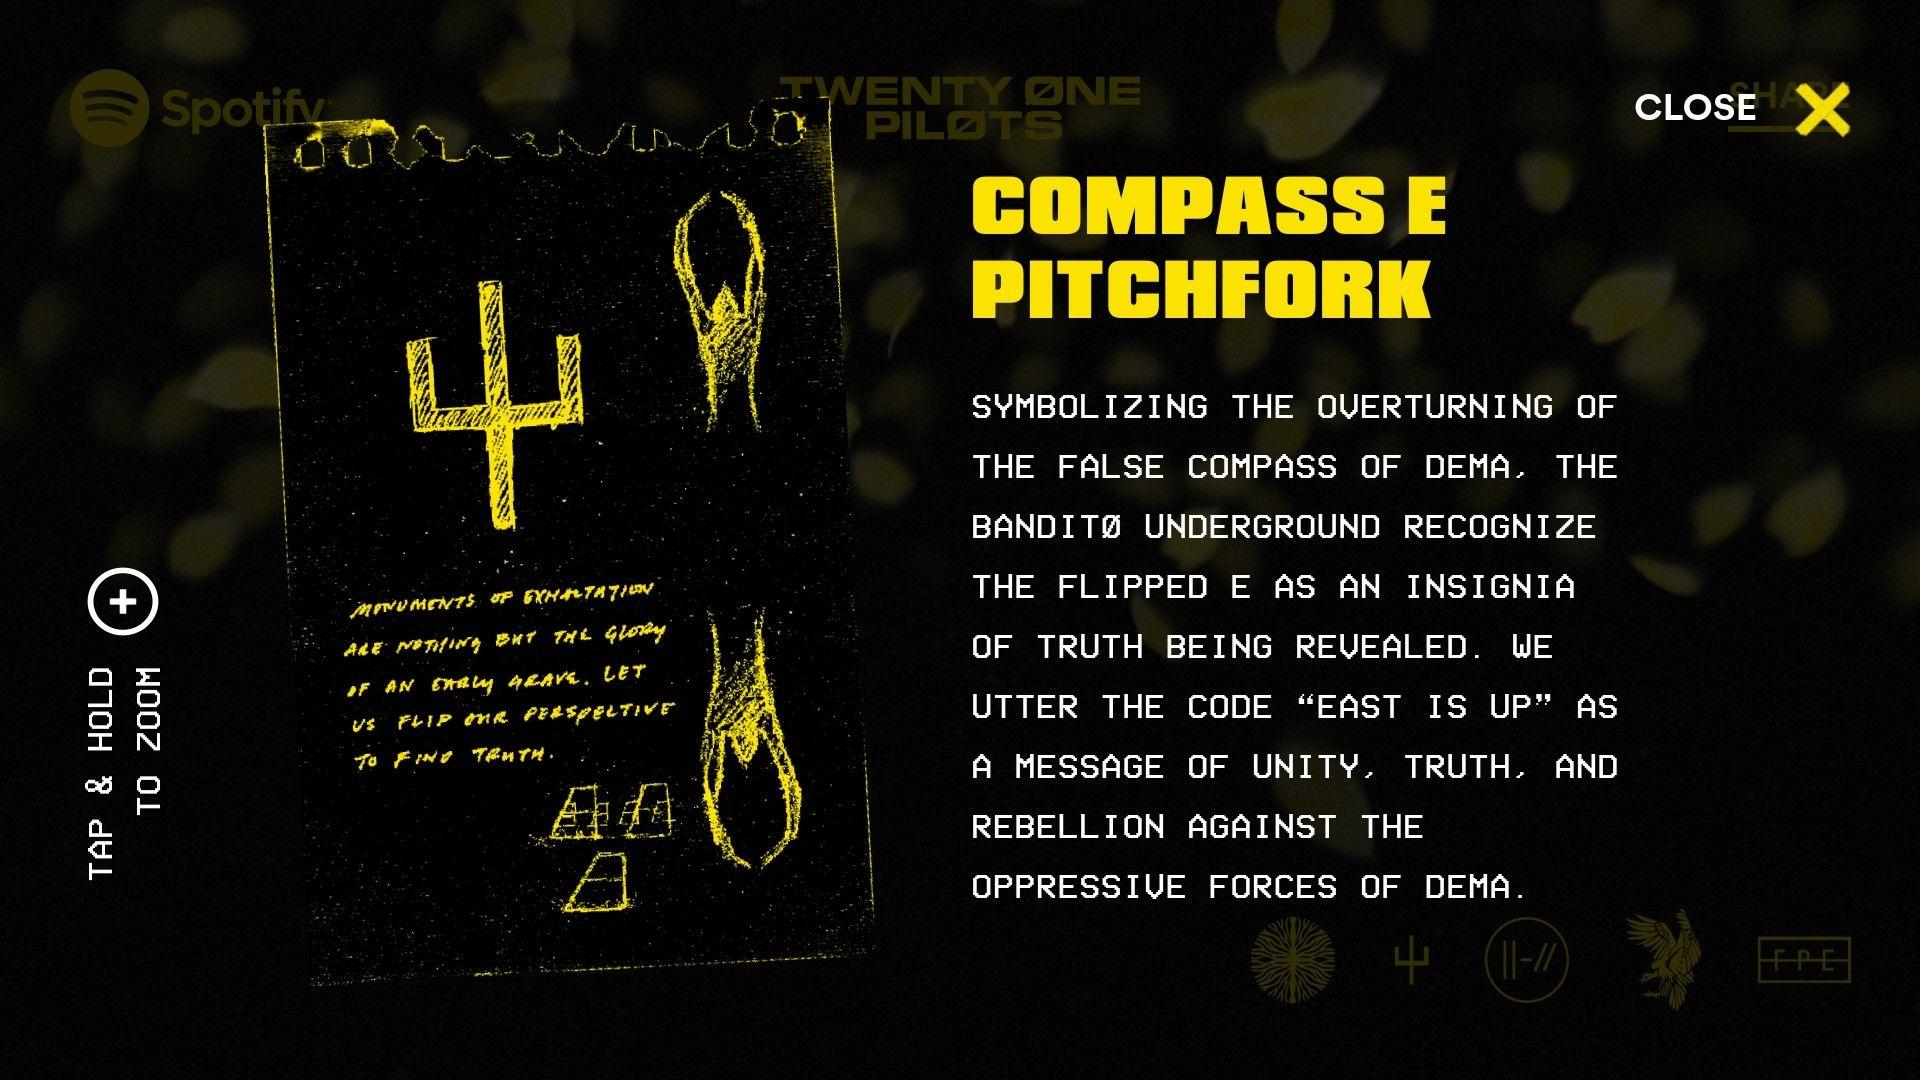 Bandito Badge Compass E Pitchfork Top Bandito Twenty On Pilots Twenty One Pilots Twenty One